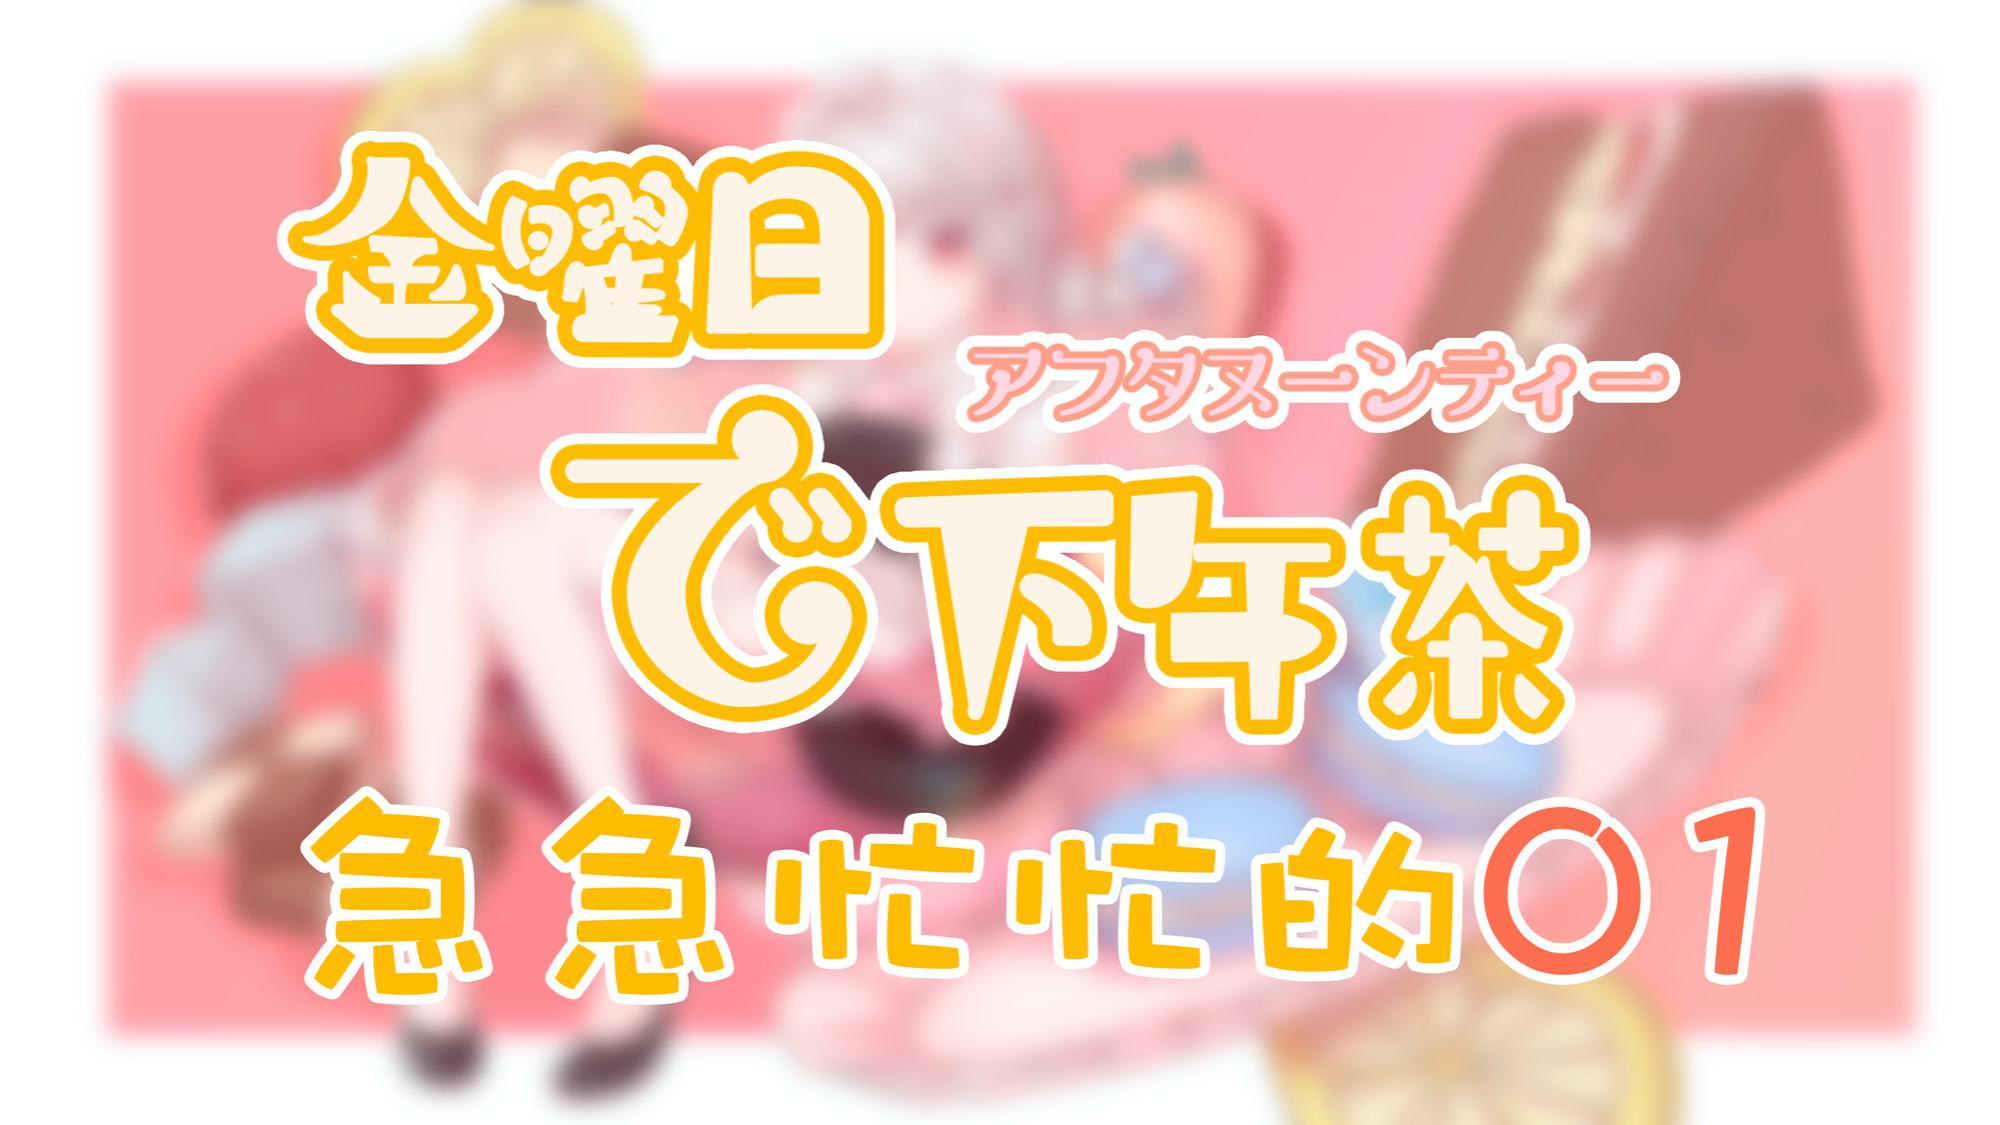 【糖依Amei】来聊天吧!|金曜日的下午茶时间01